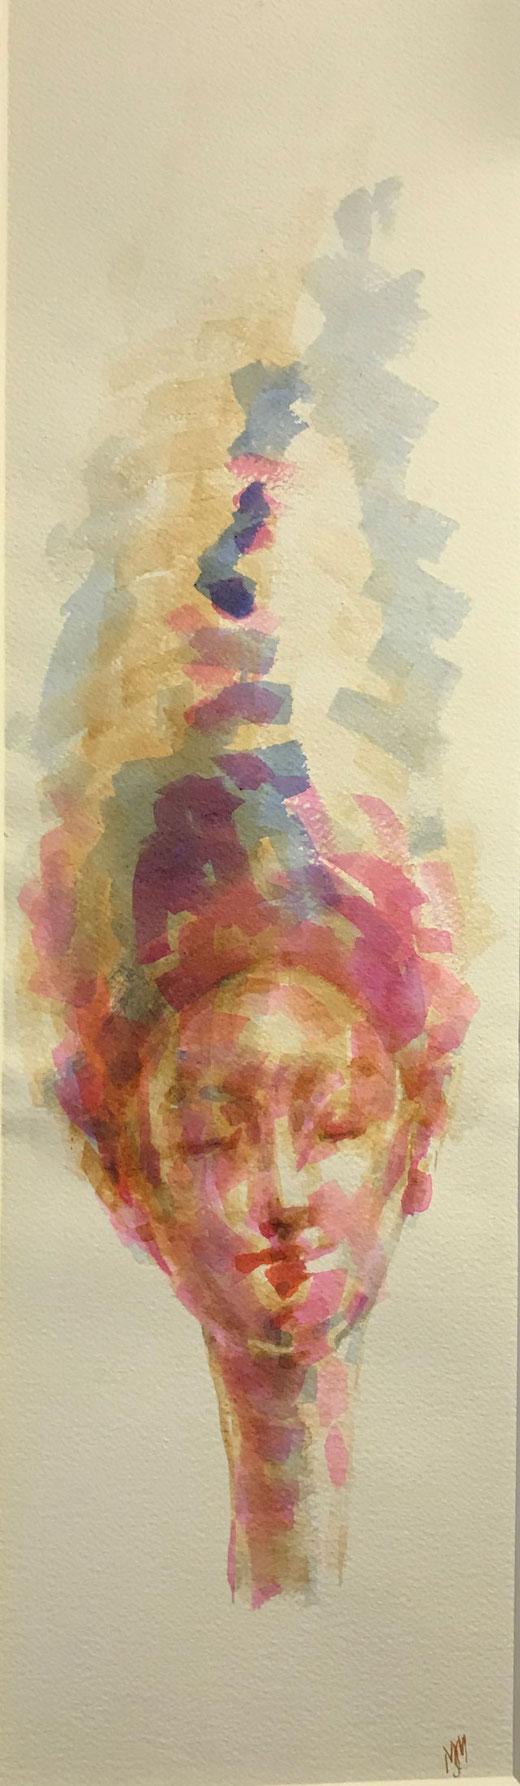 Massimino Margherita - Volto - acquerello su carta 20 x 70